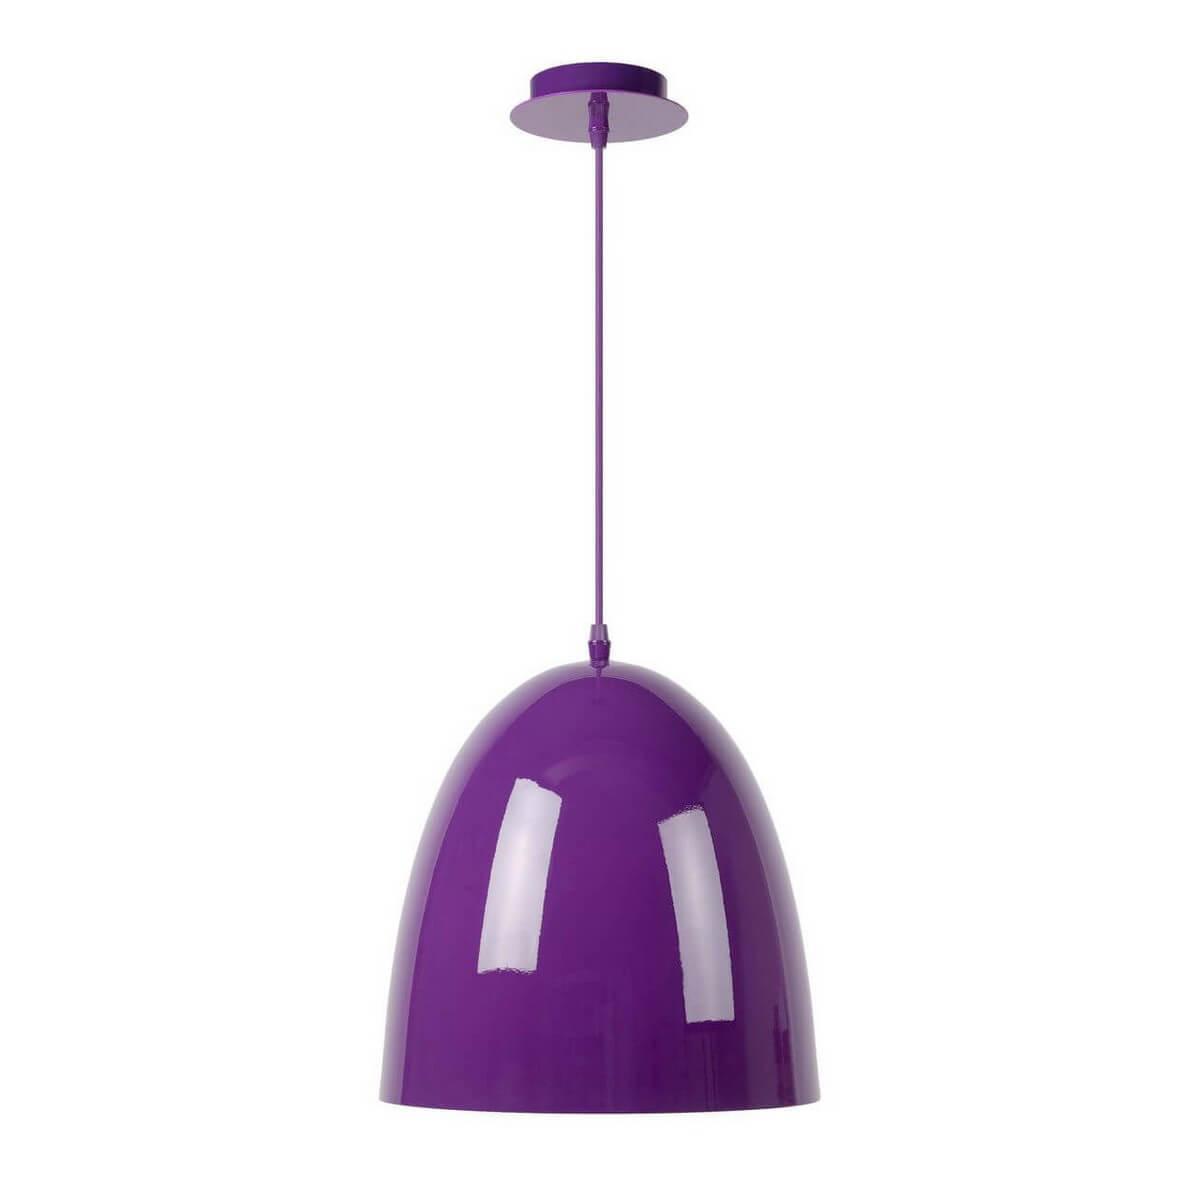 Подвесной светильник Lucide 76456/30/39, E27, 60 Вт